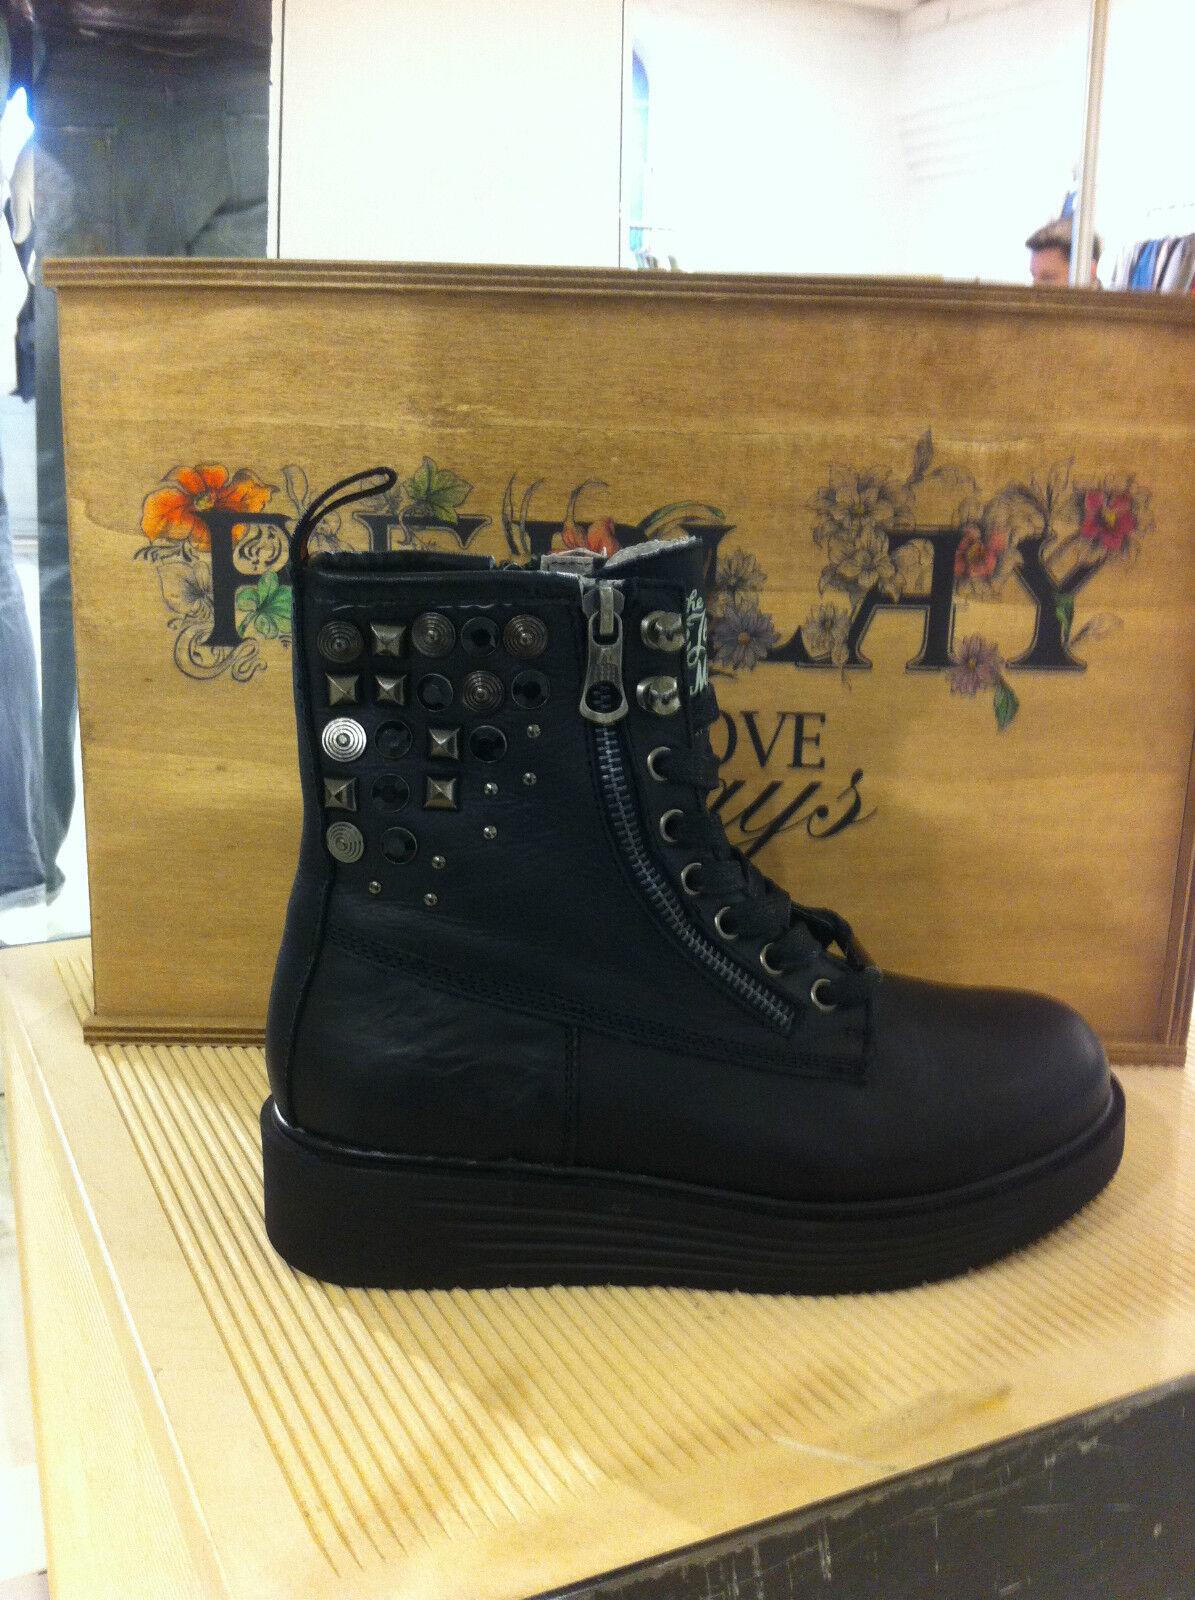 Zapatos señora zapatos Replay zapatos Plateau botín botas tachuelas negro Plateau zapatos 51d2a8